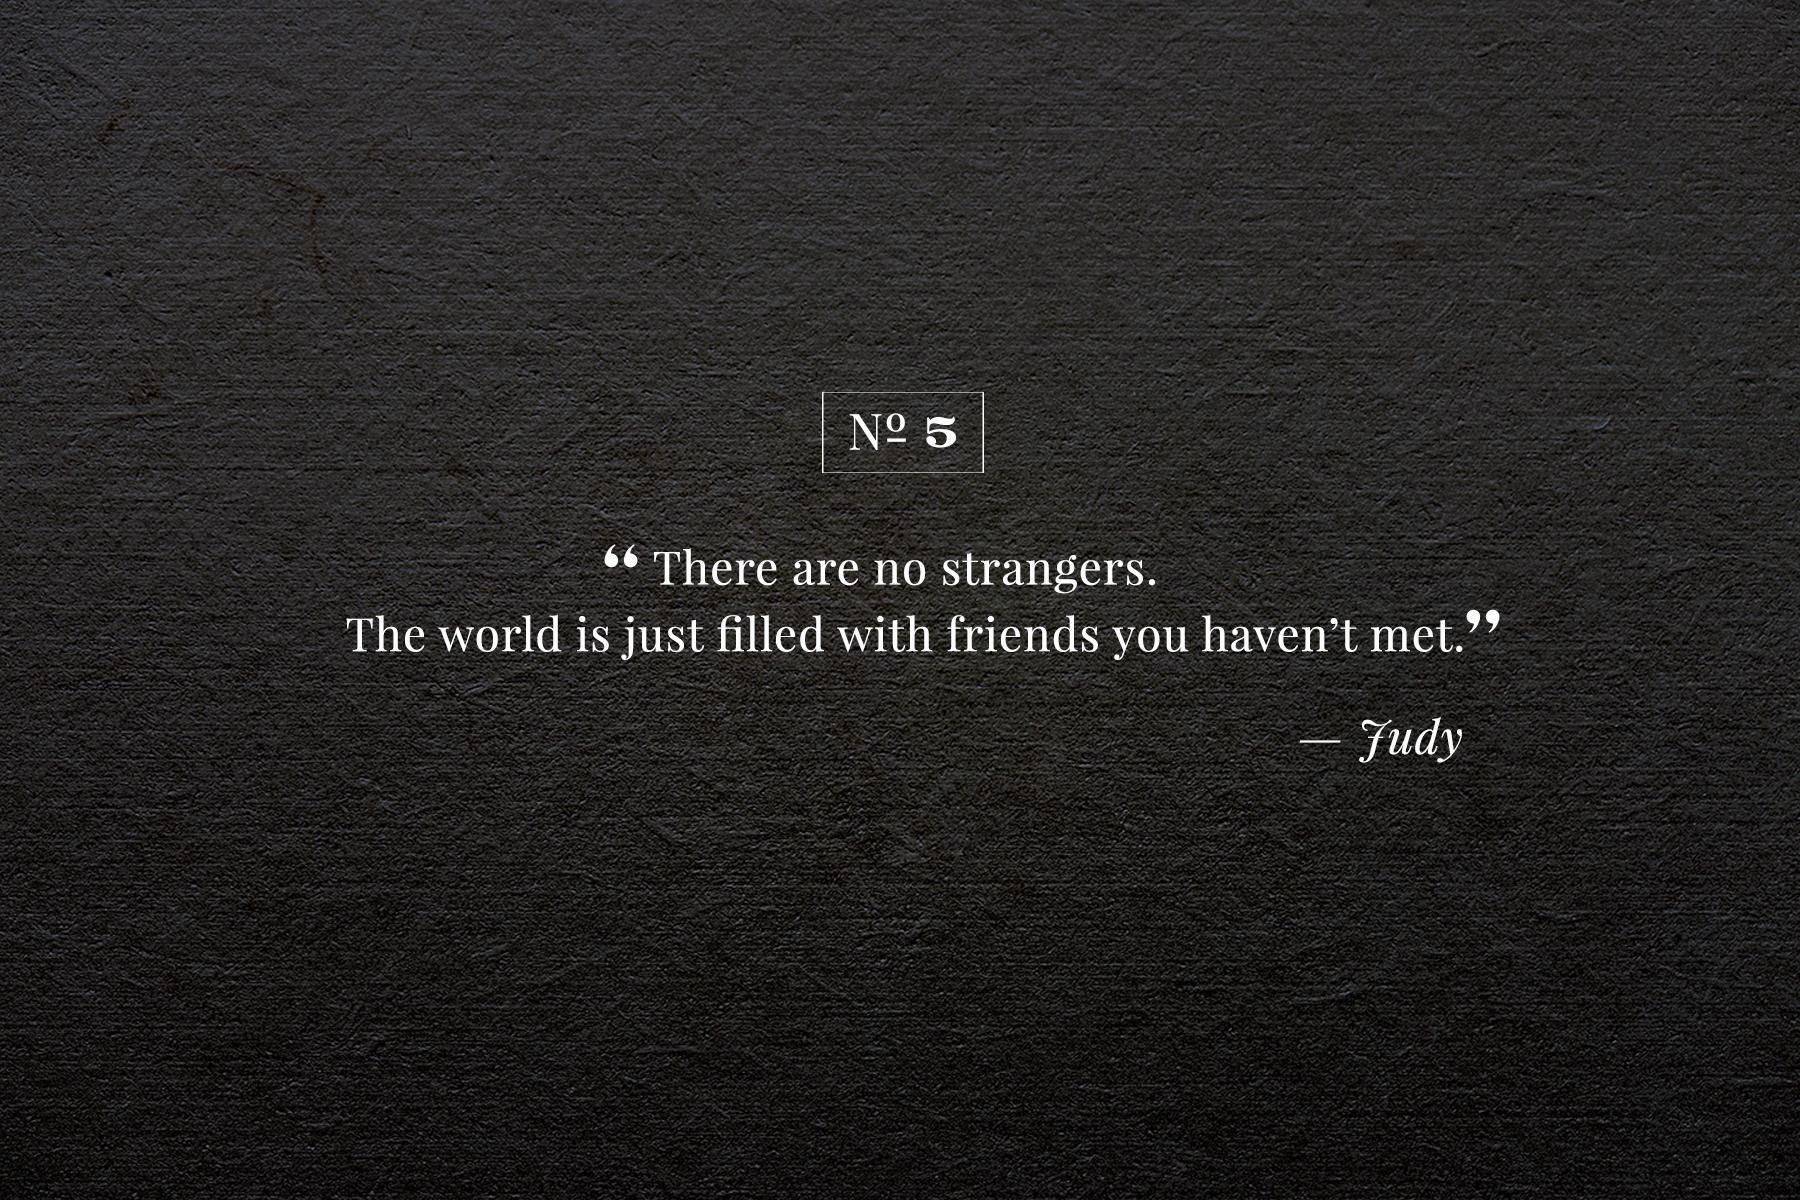 Judy #5.jpg